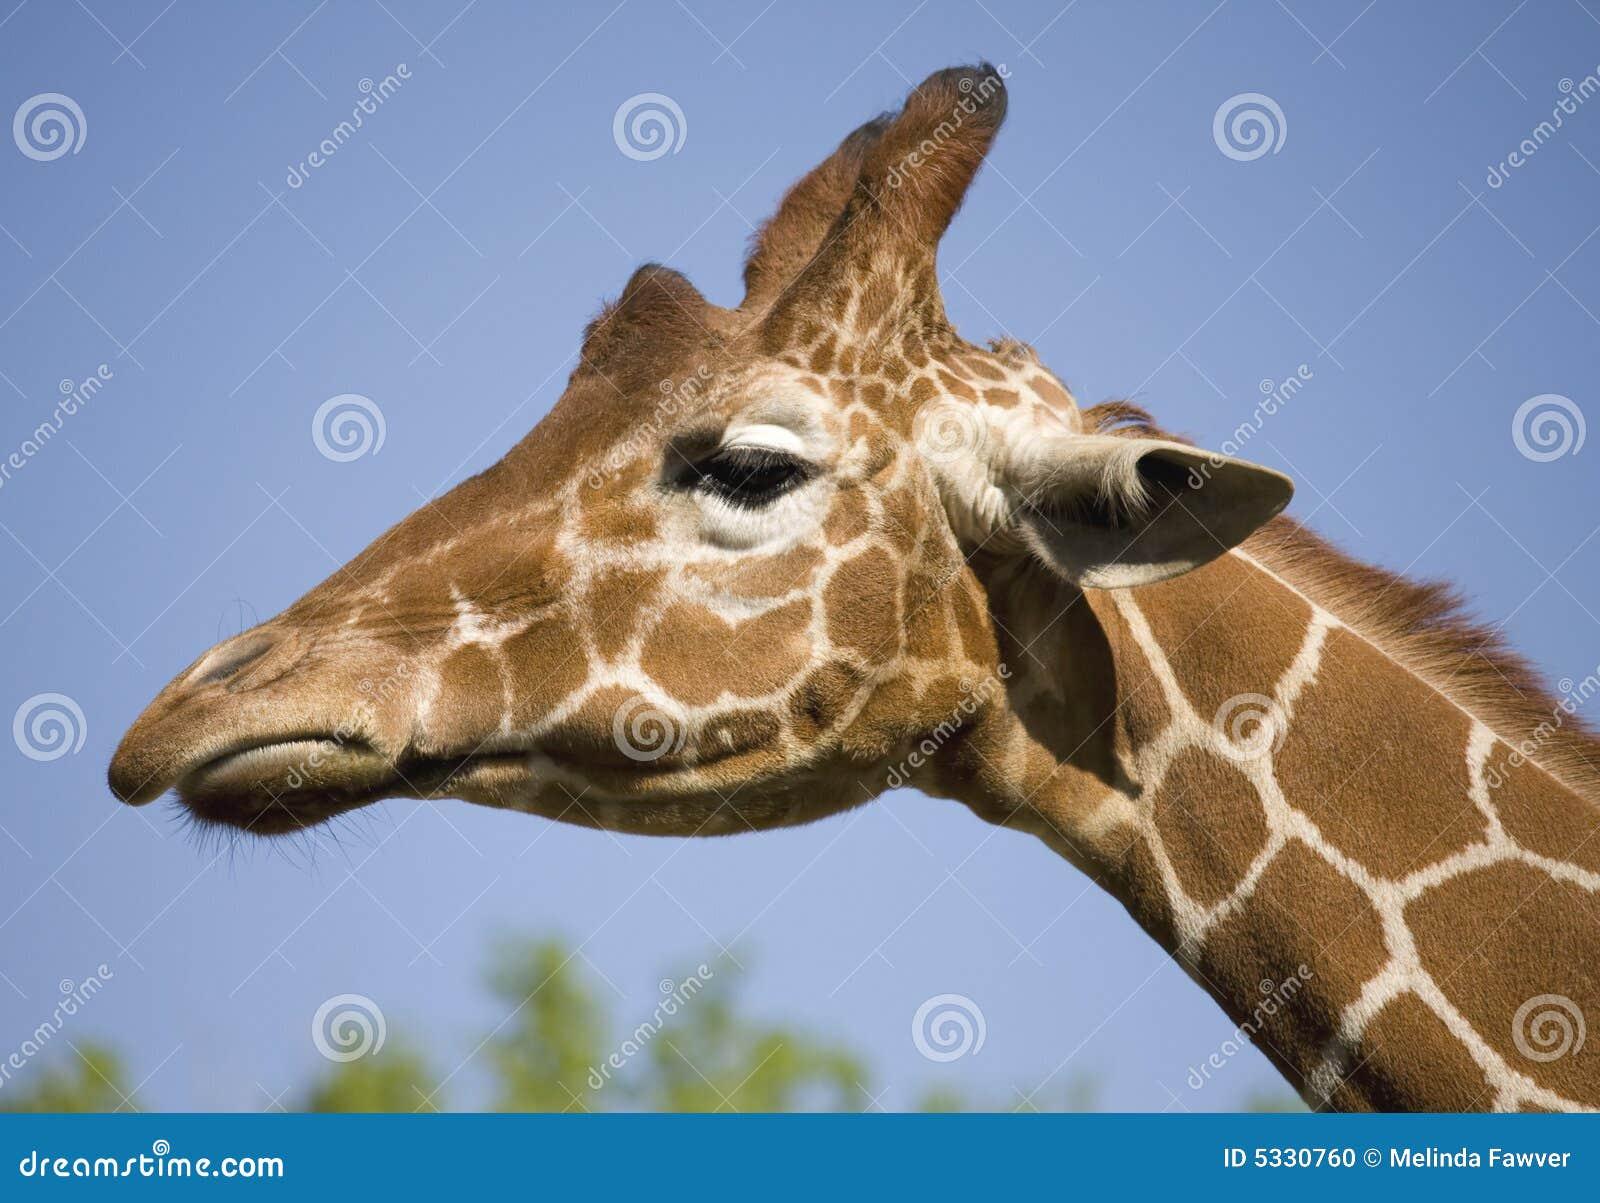 Giraffe Profile Head P...